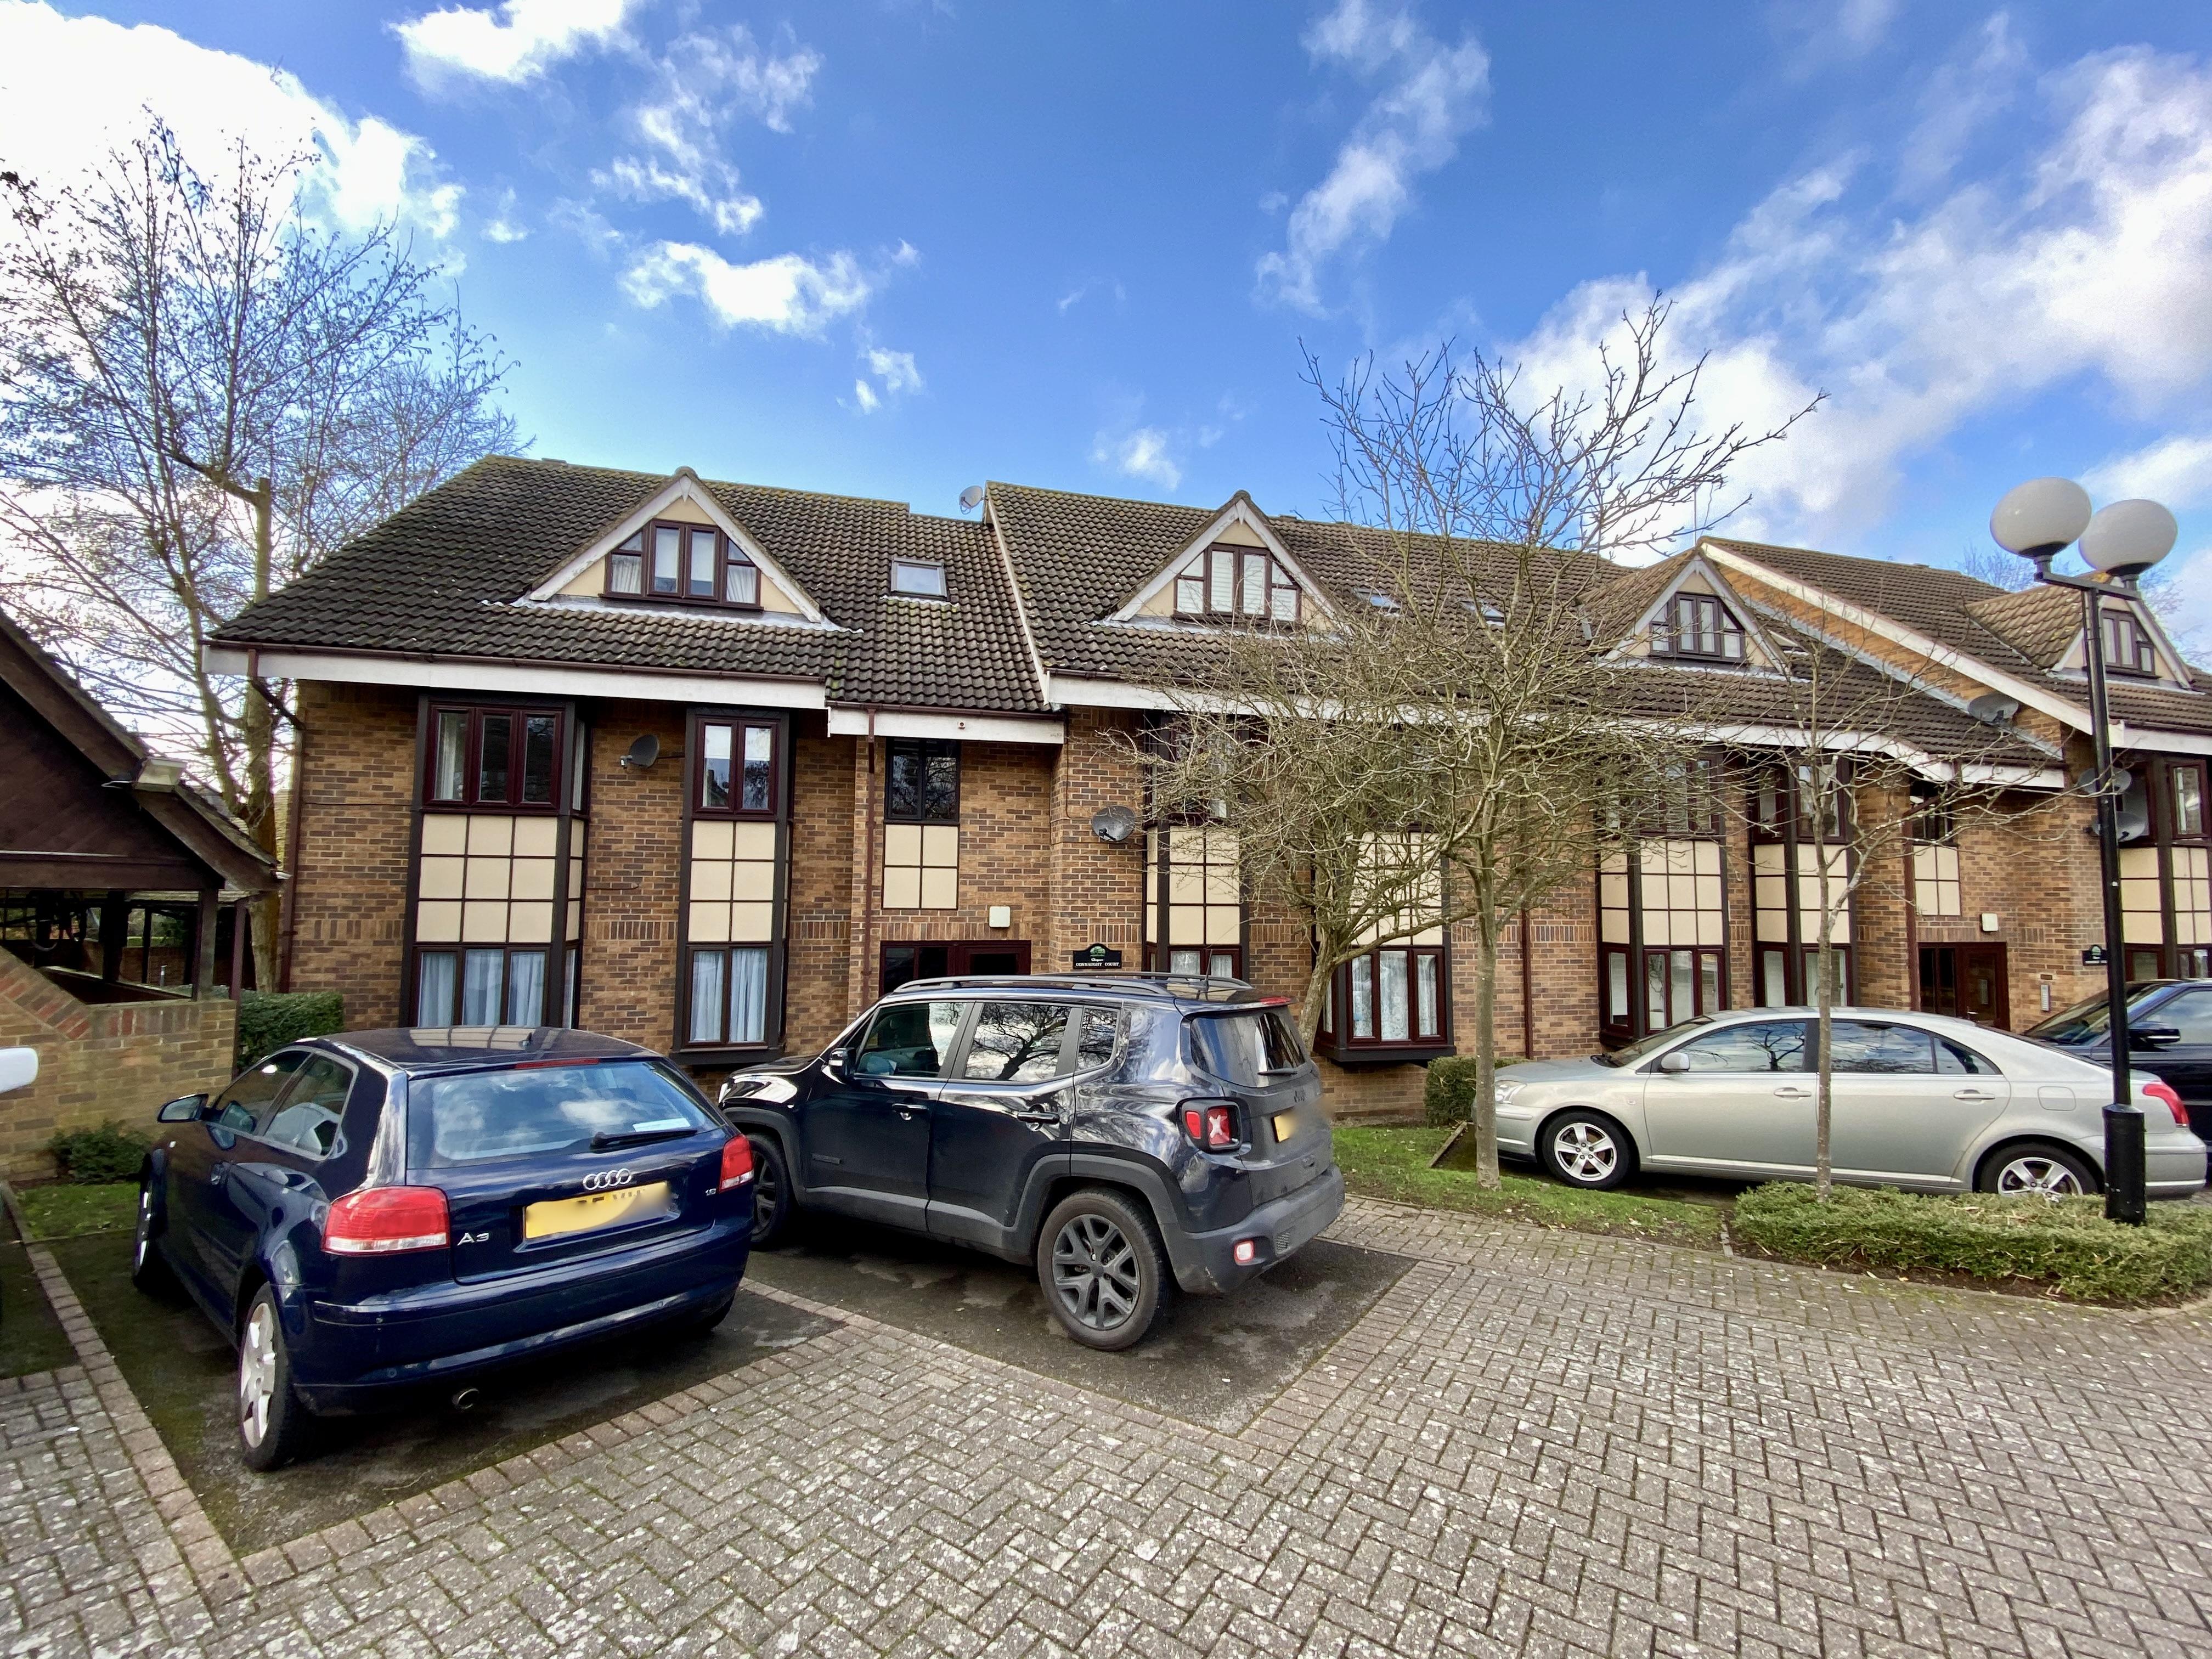 Hills Road, Buckhurst Hill, Essex